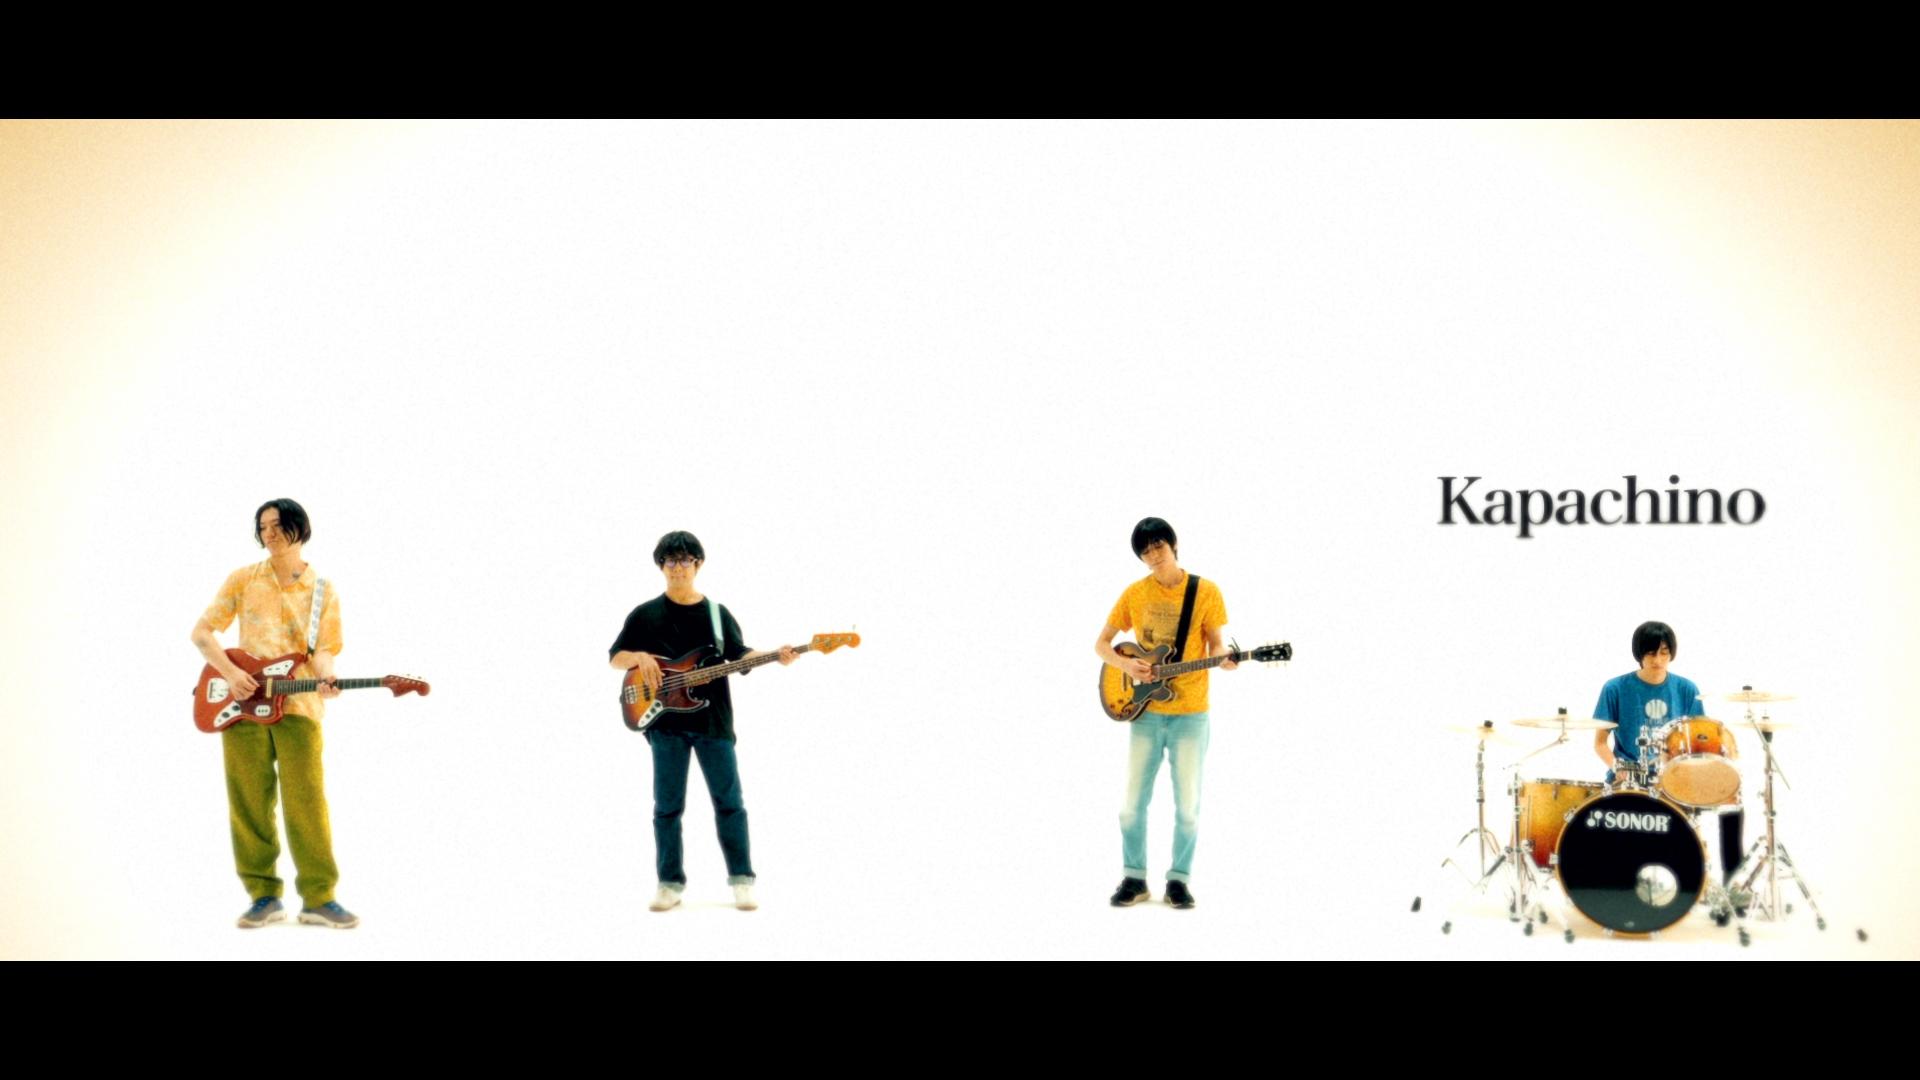 ⼩⼭⽥壮平「Kapachino」MV